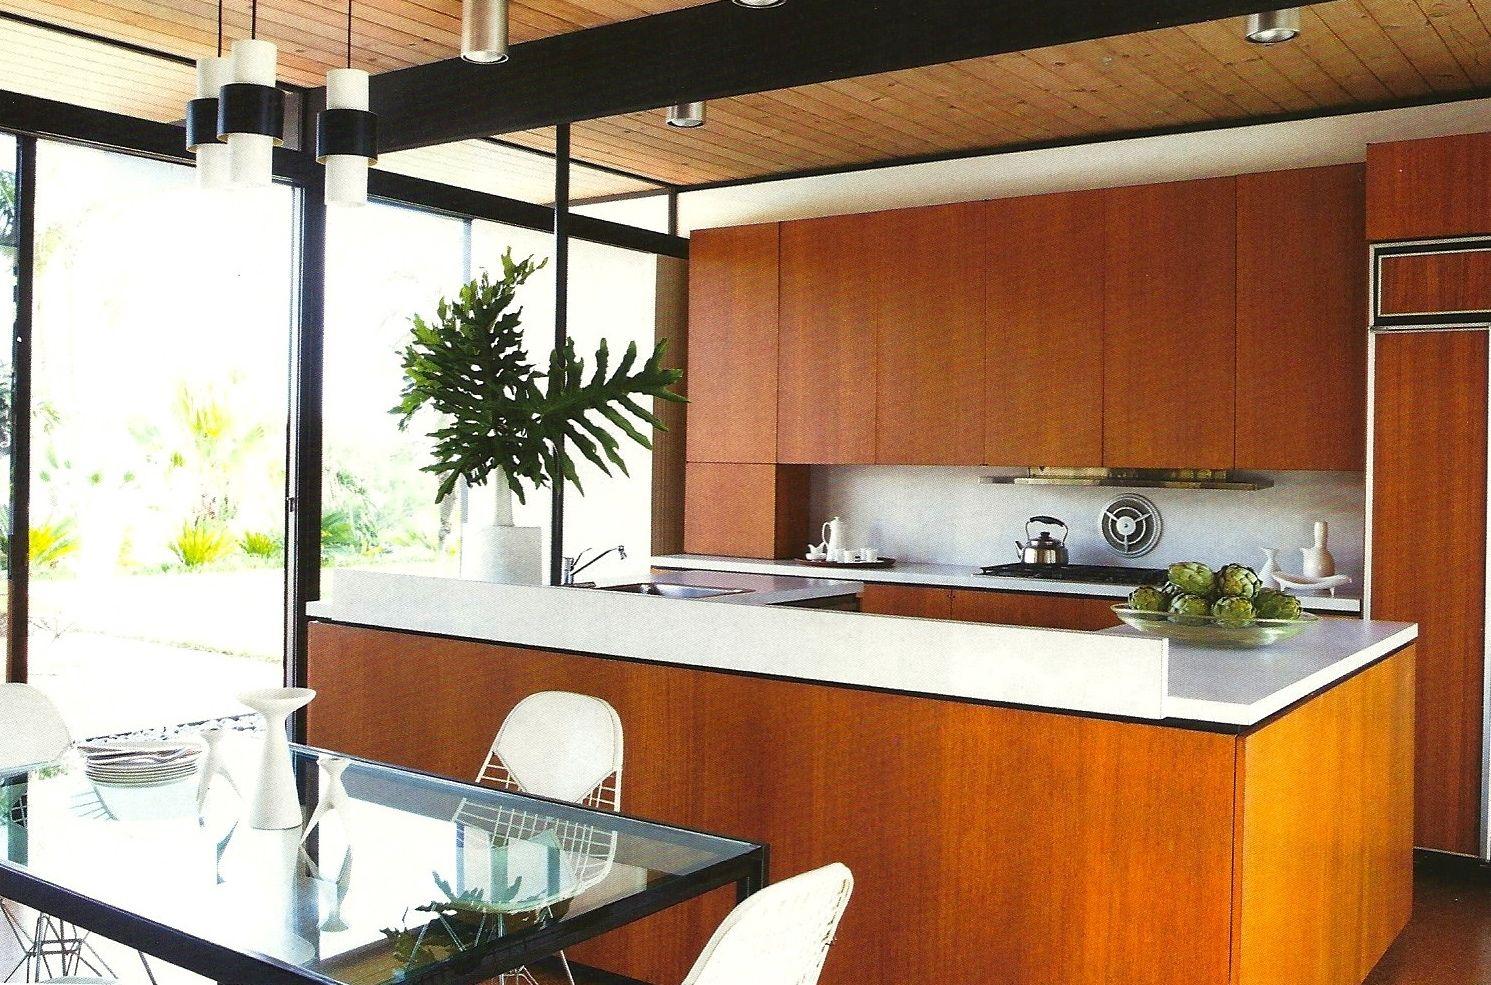 Best Wood Paneling On Ceiling Black Beams Black Window 640 x 480